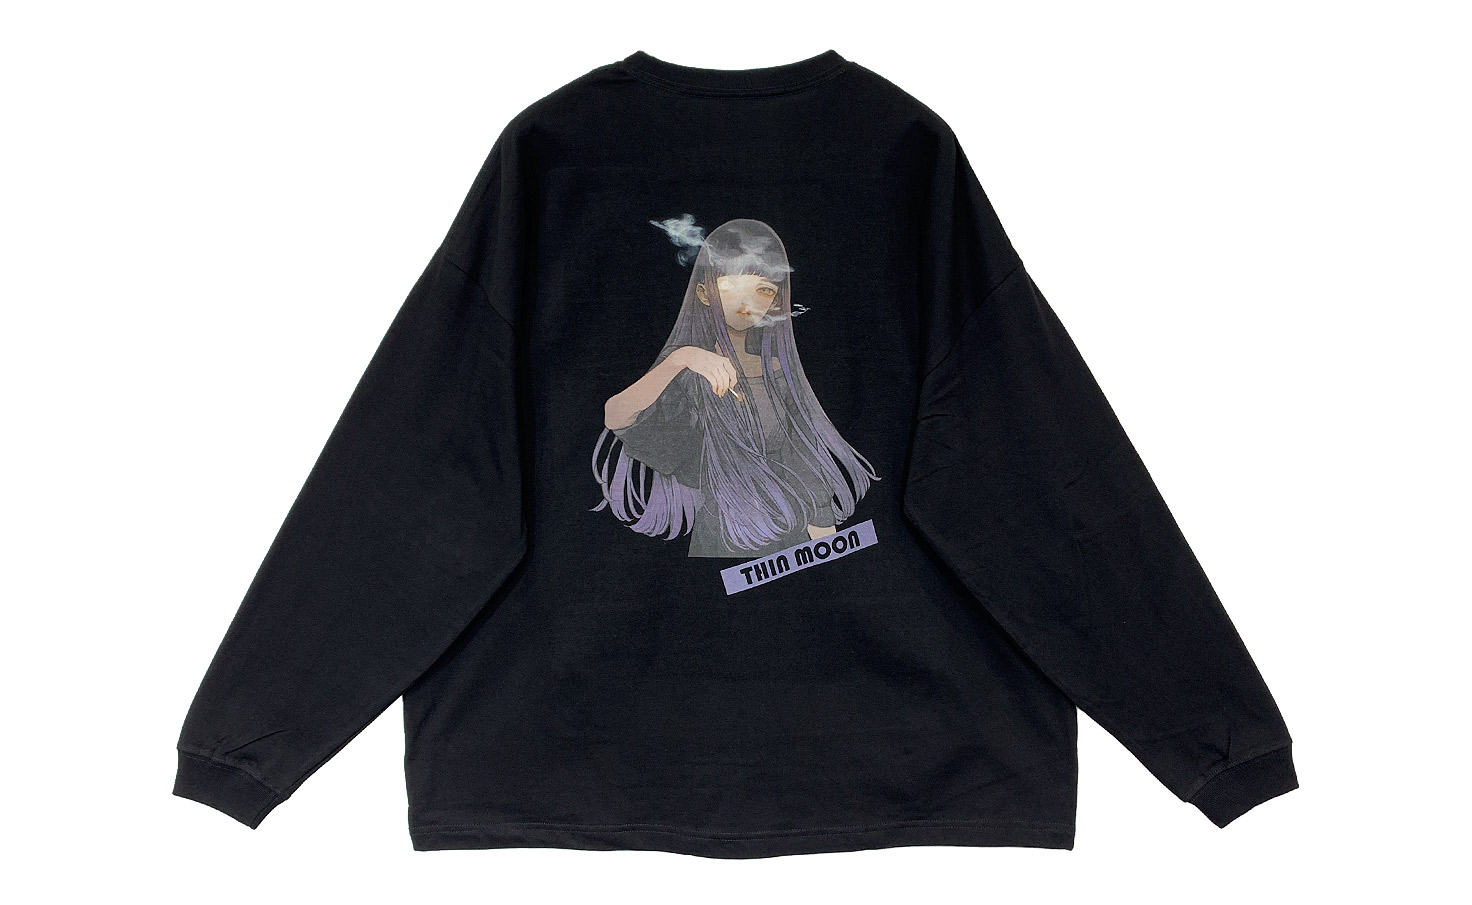 BigロングTシャツ_THIN MOON